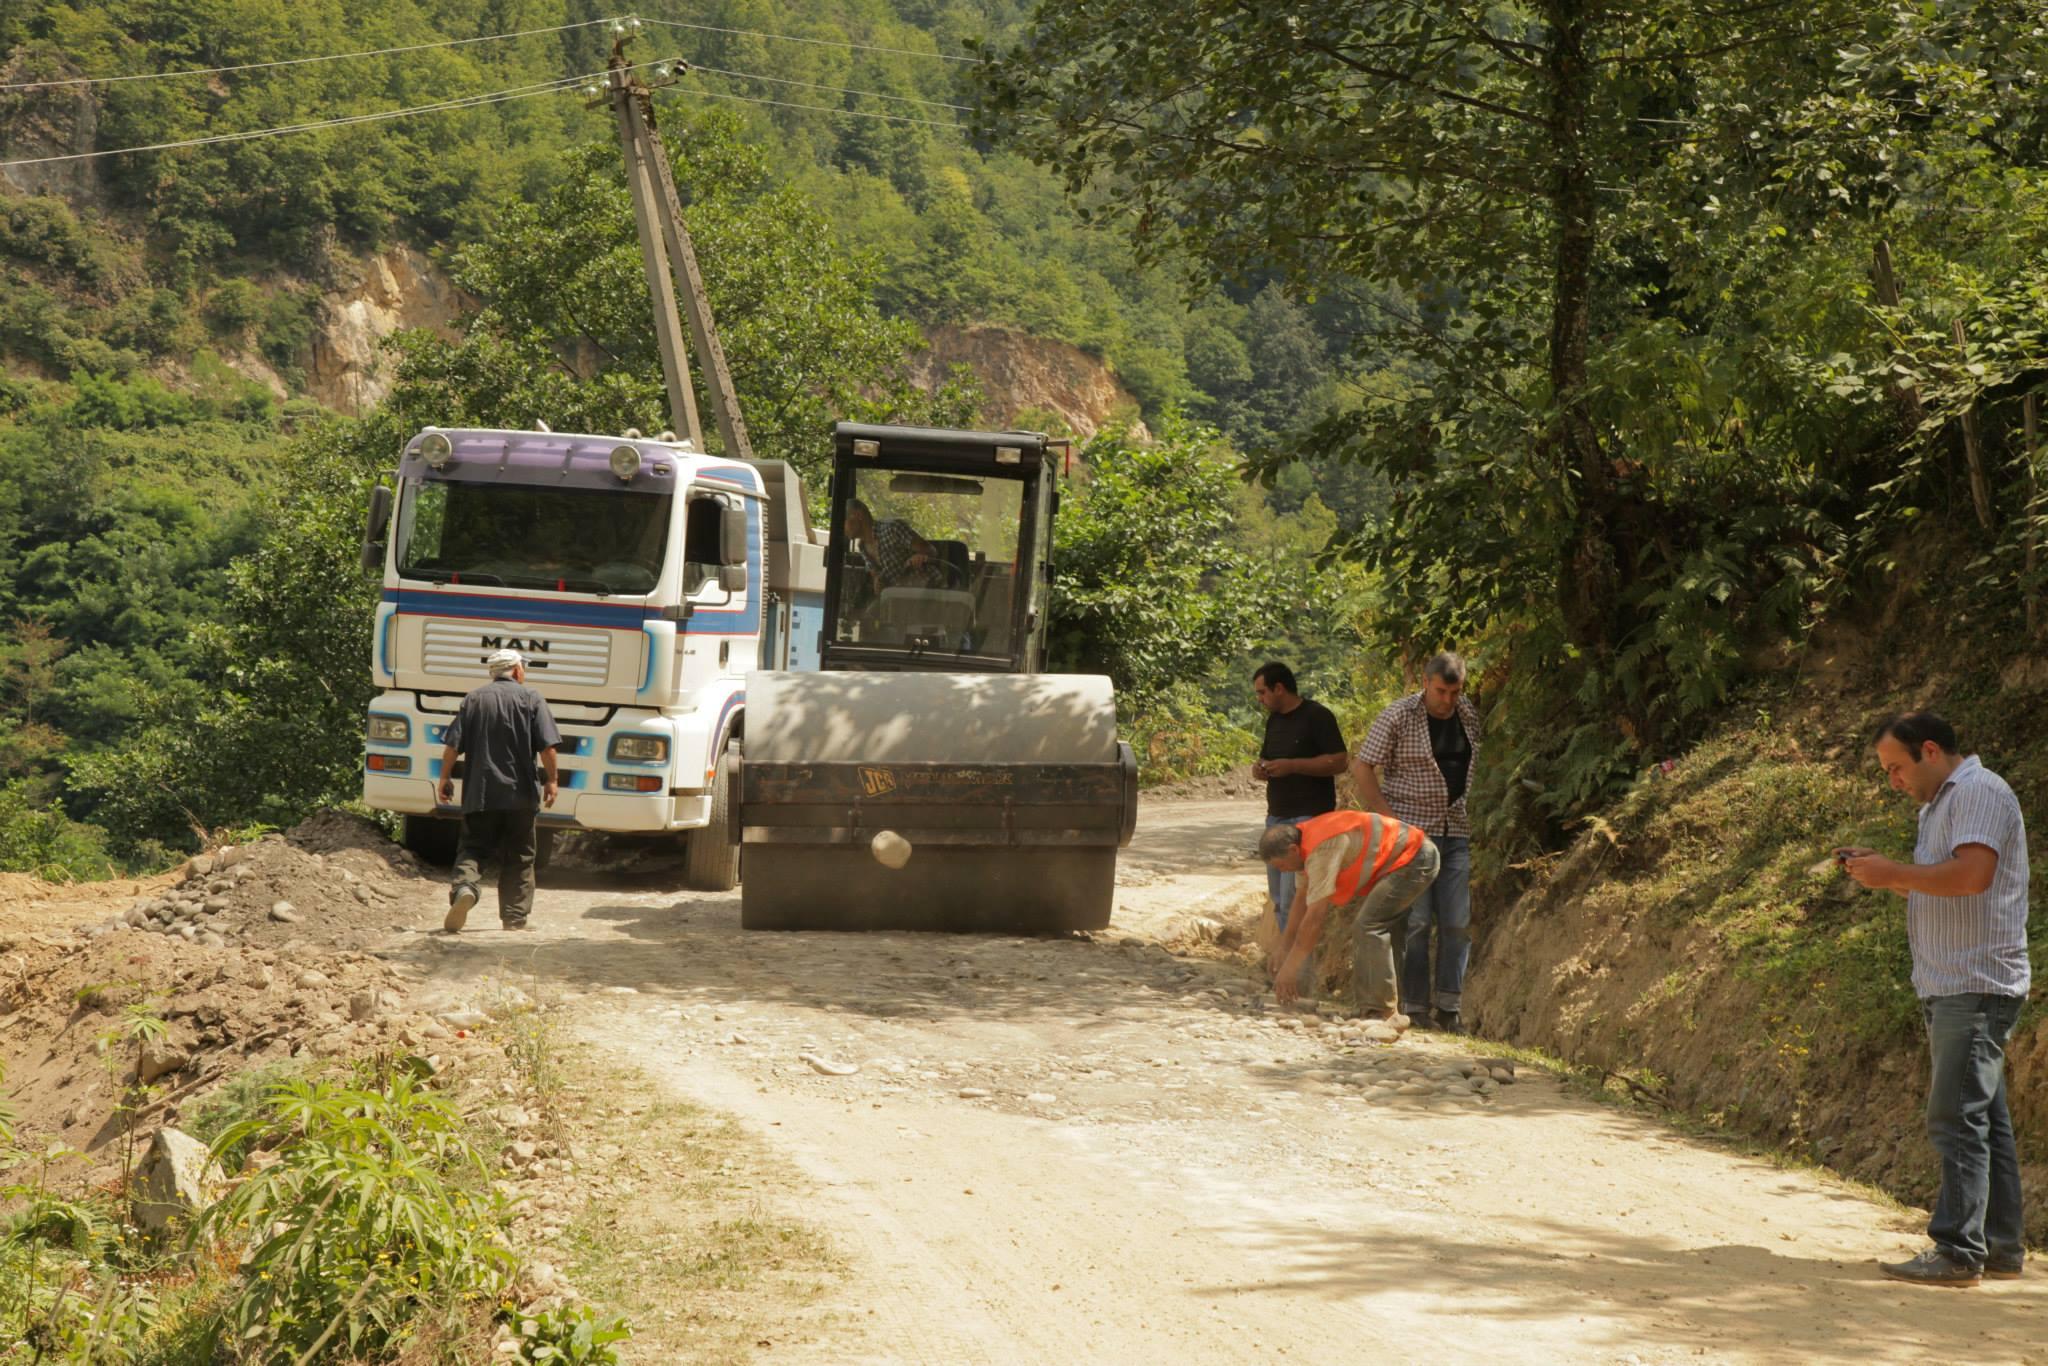 აჭარის მაღალმთიან სოფლებში შიდა სასოფლო გზების რეაბილიტაცია